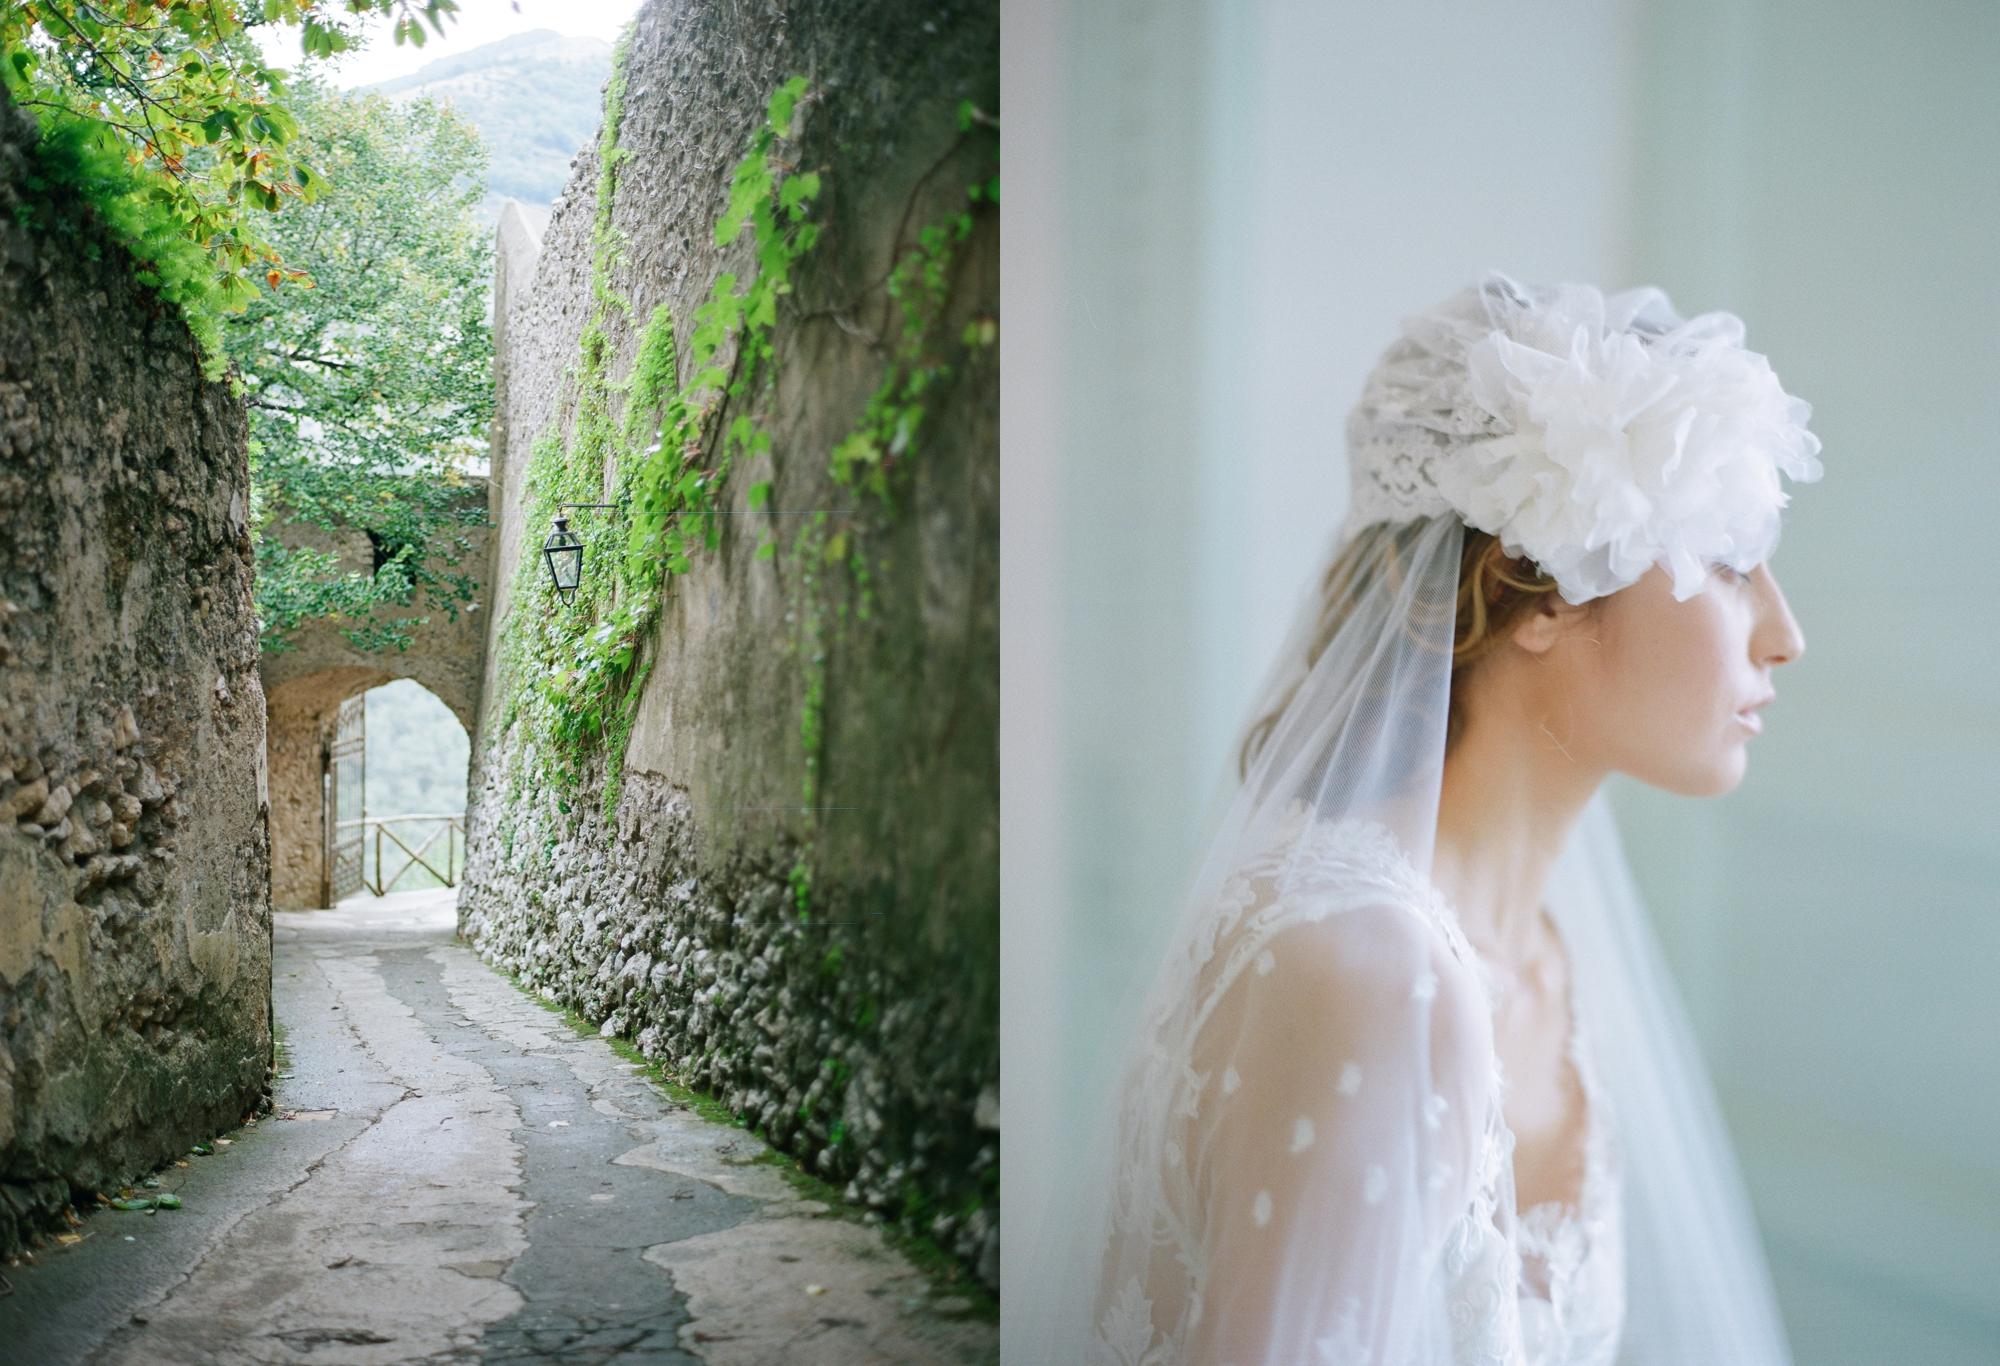 LVL-Weddings-and-Events-Villa-La-Terrazza-Sorrento-Italy-5 - LVL ...